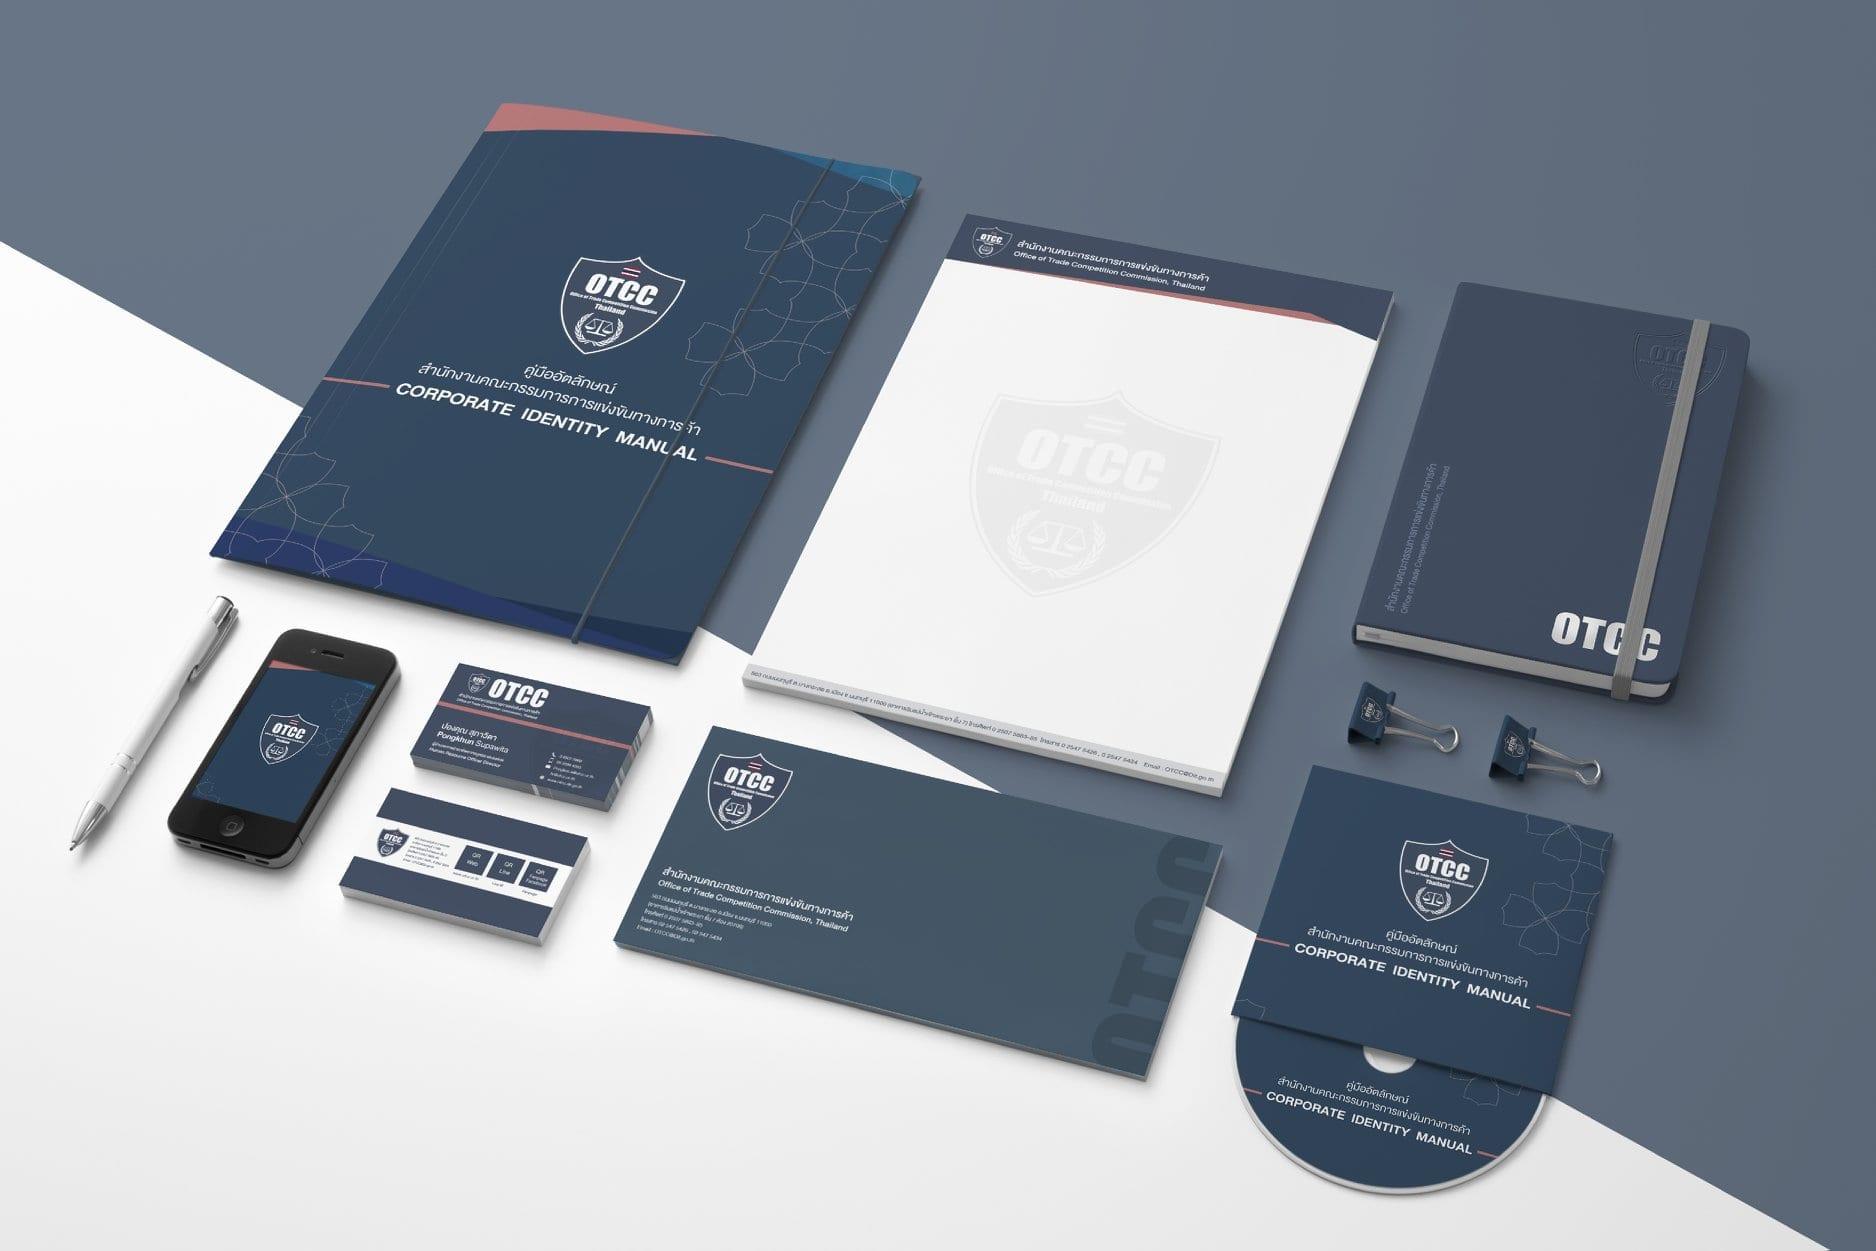 รับออกแบบสื่งสิ่งพิมพ์ รับออกแบบรายงานประจำปี ออกแบบ Annual Report